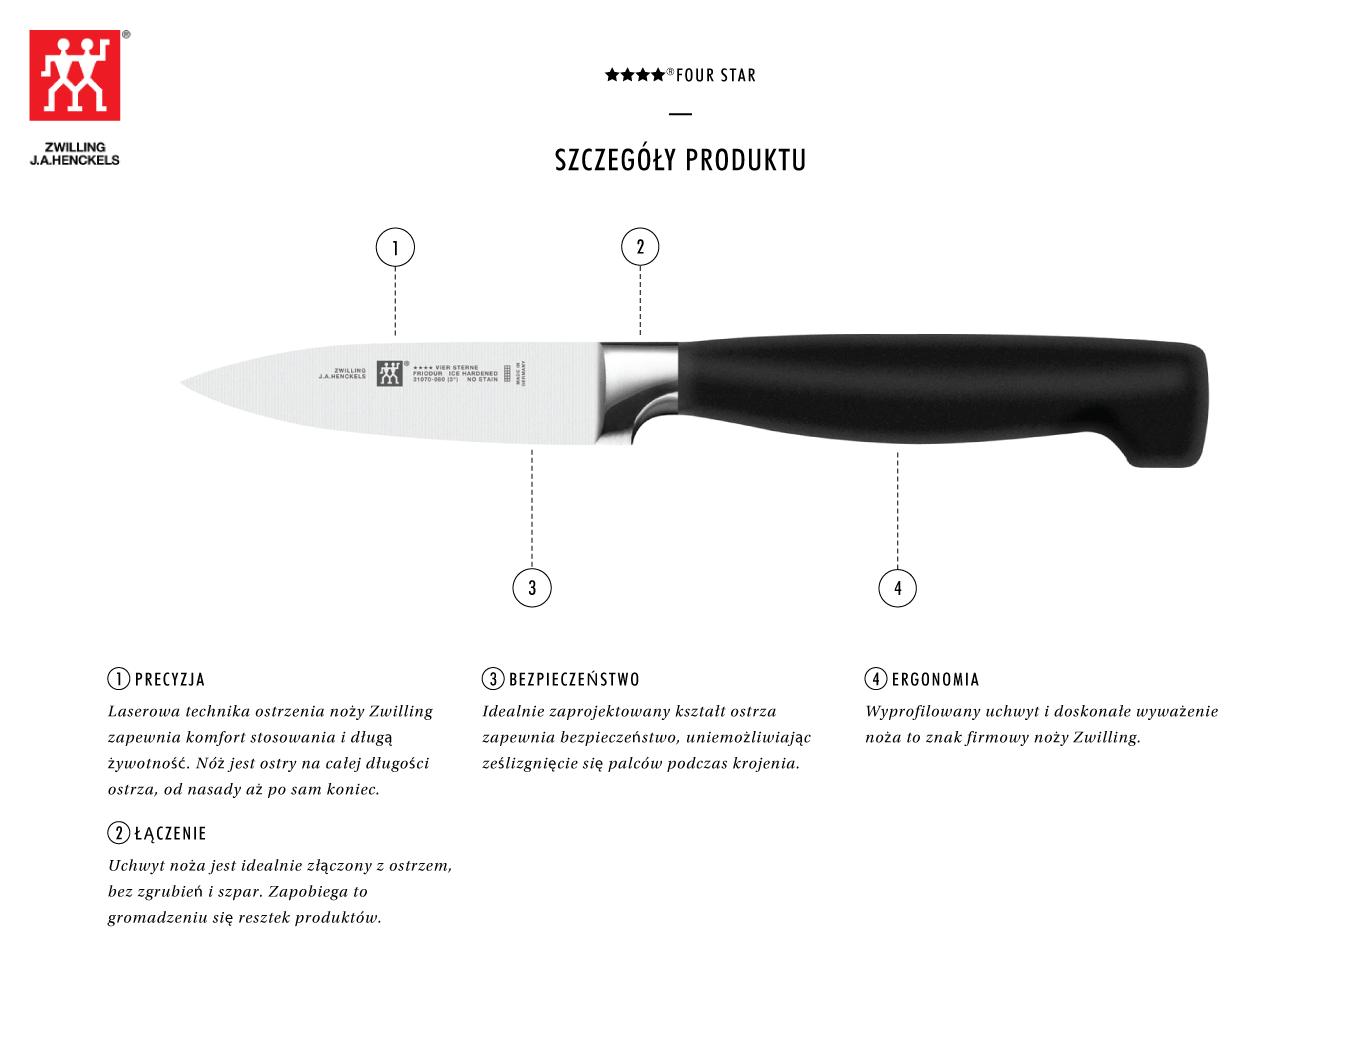 Dlaczego warto kupić nóż do warzyw i owoców Zwilling ???? ®FOUR STAR?